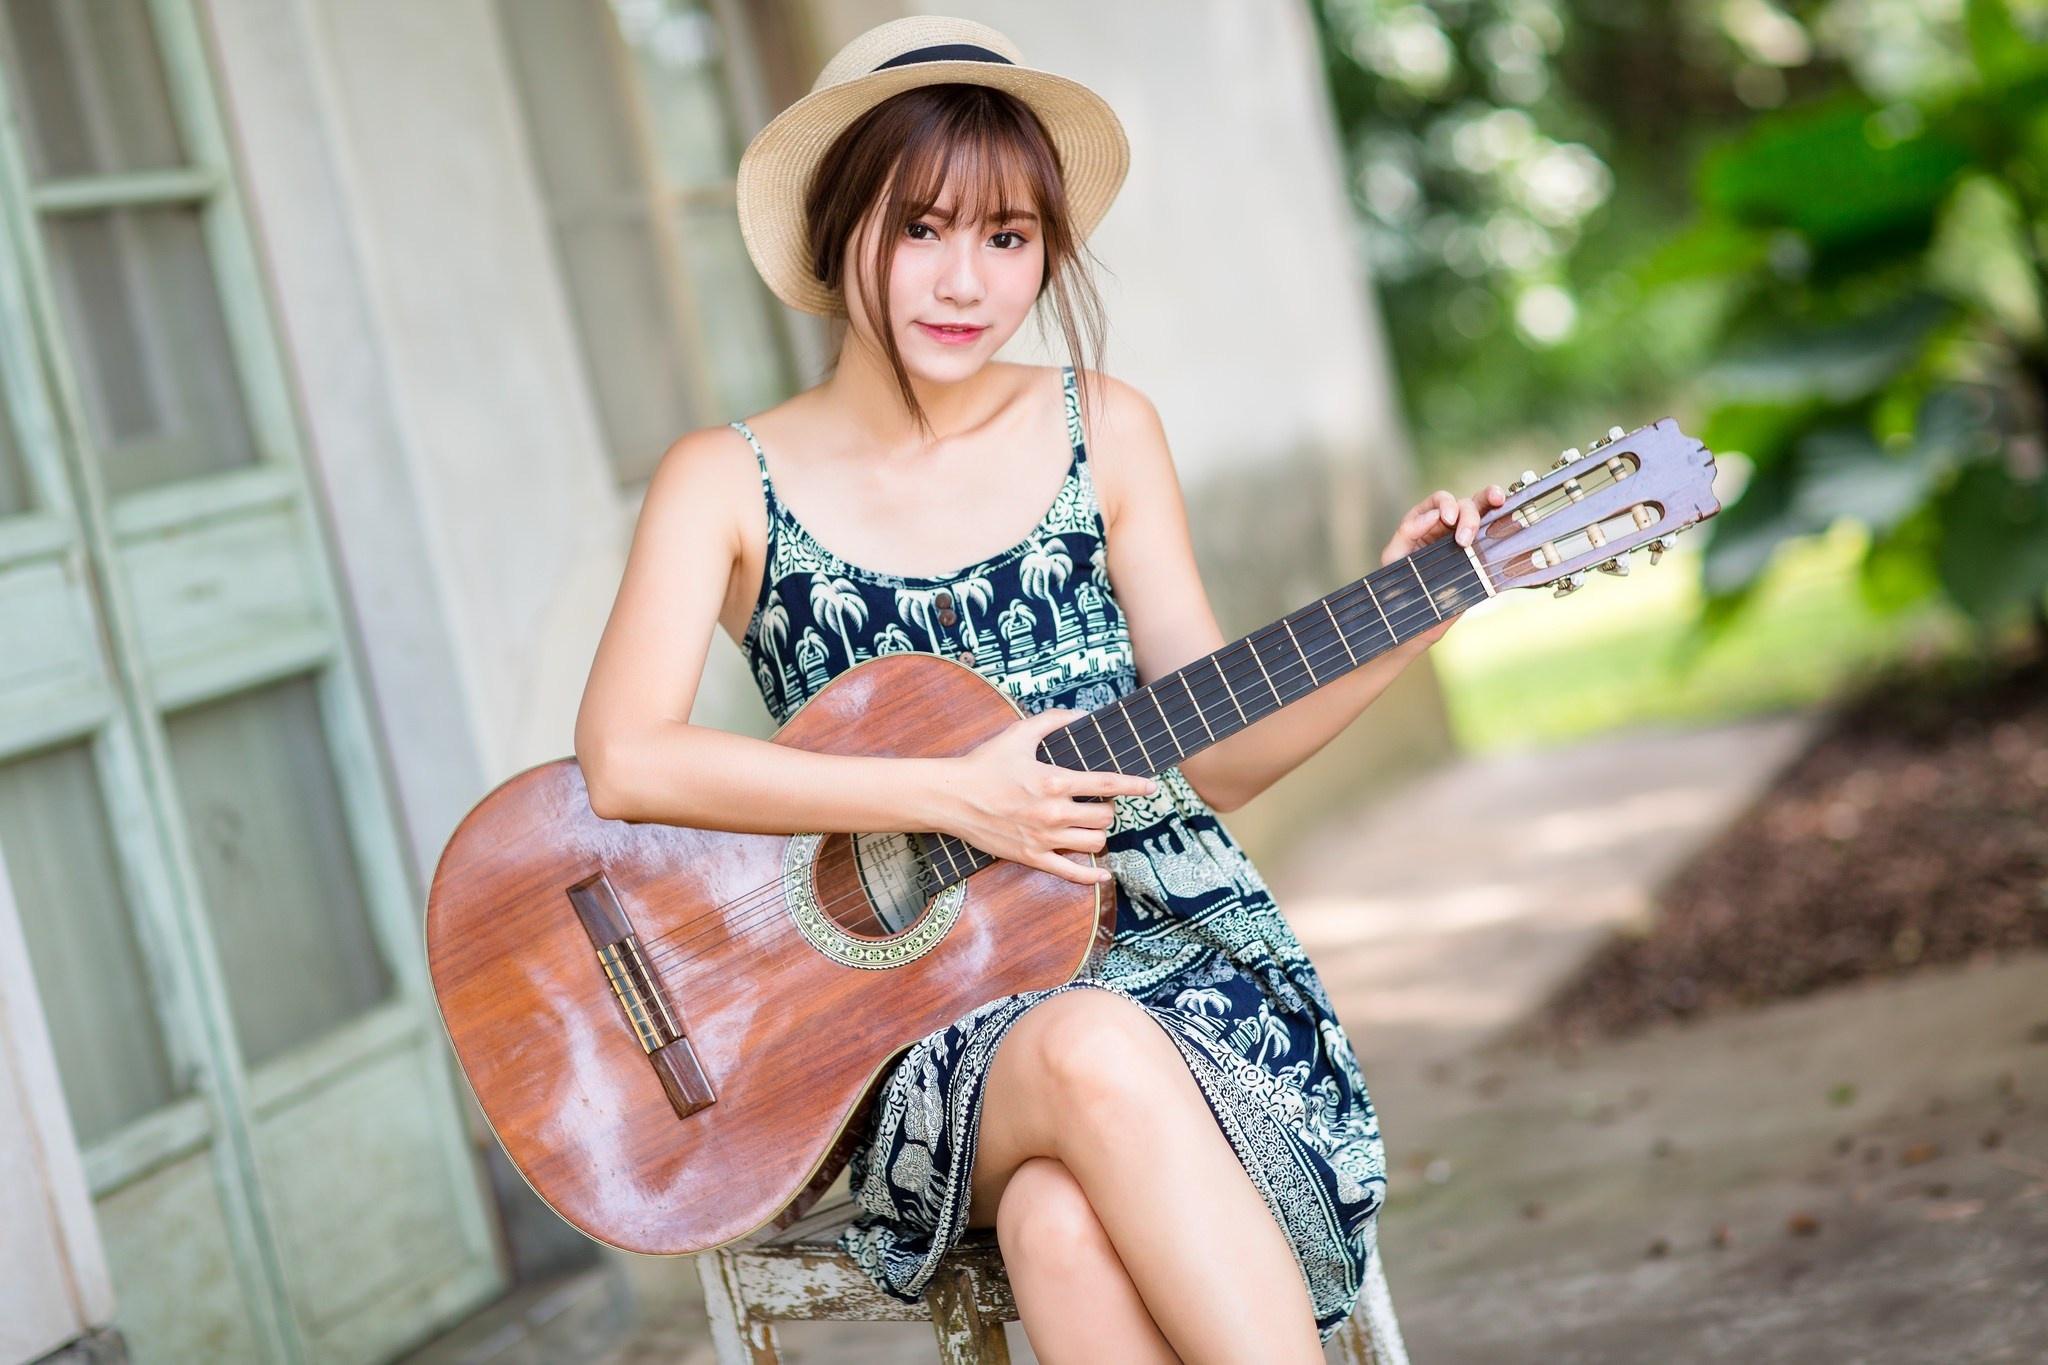 Азиатка с гитарой  № 466000 загрузить